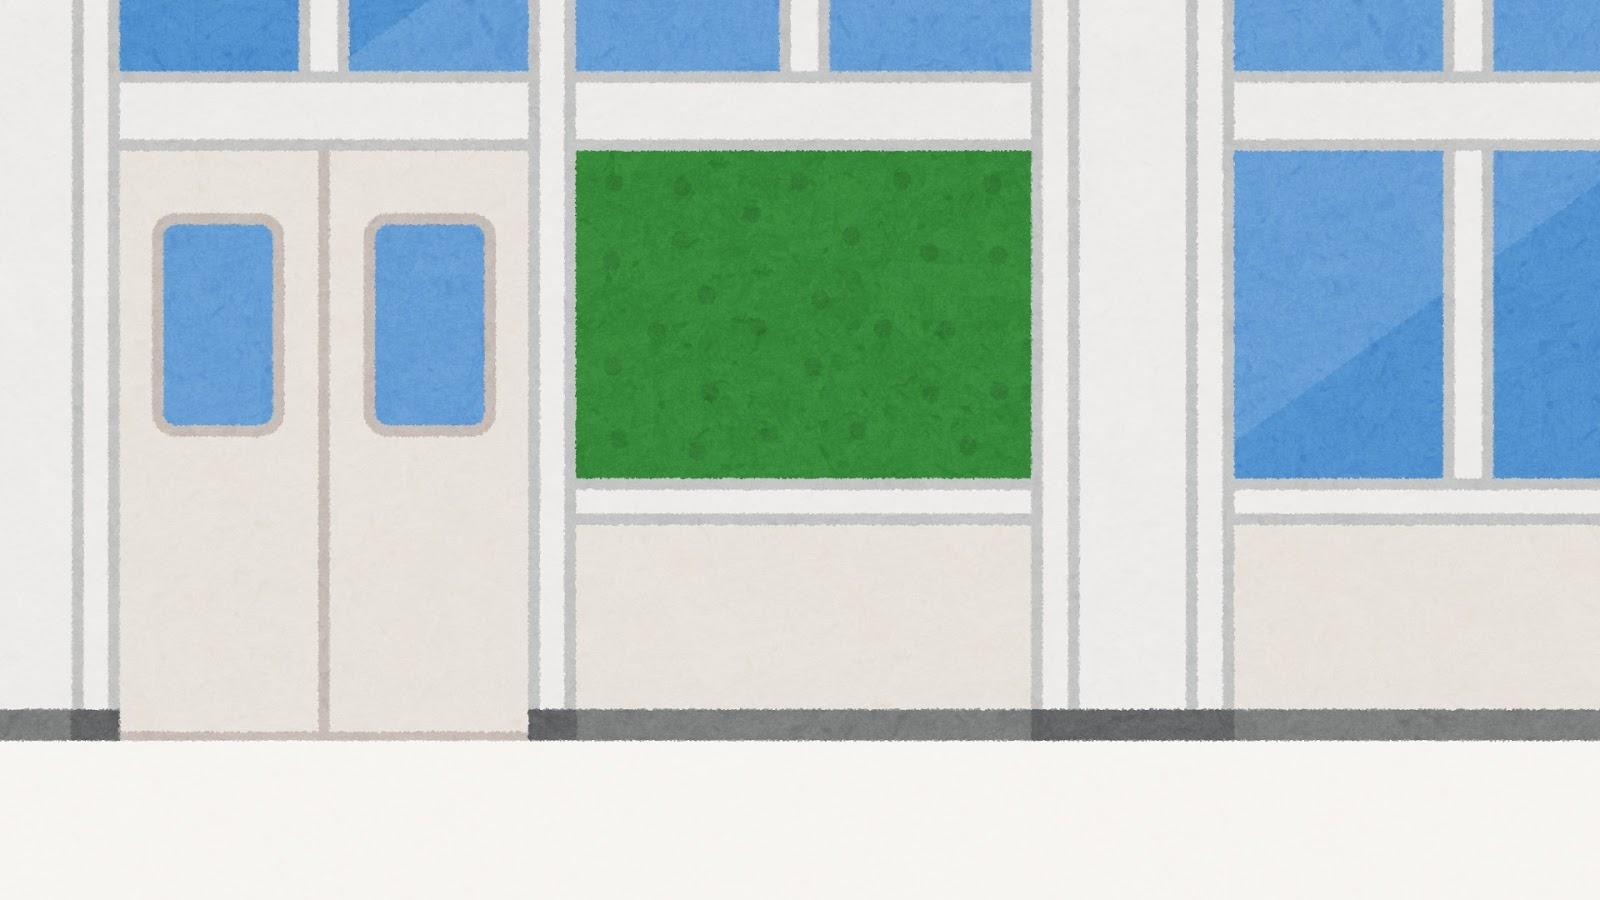 学校の廊下のイラスト(背景素材)   かわいいフリー素材集 いらすとや